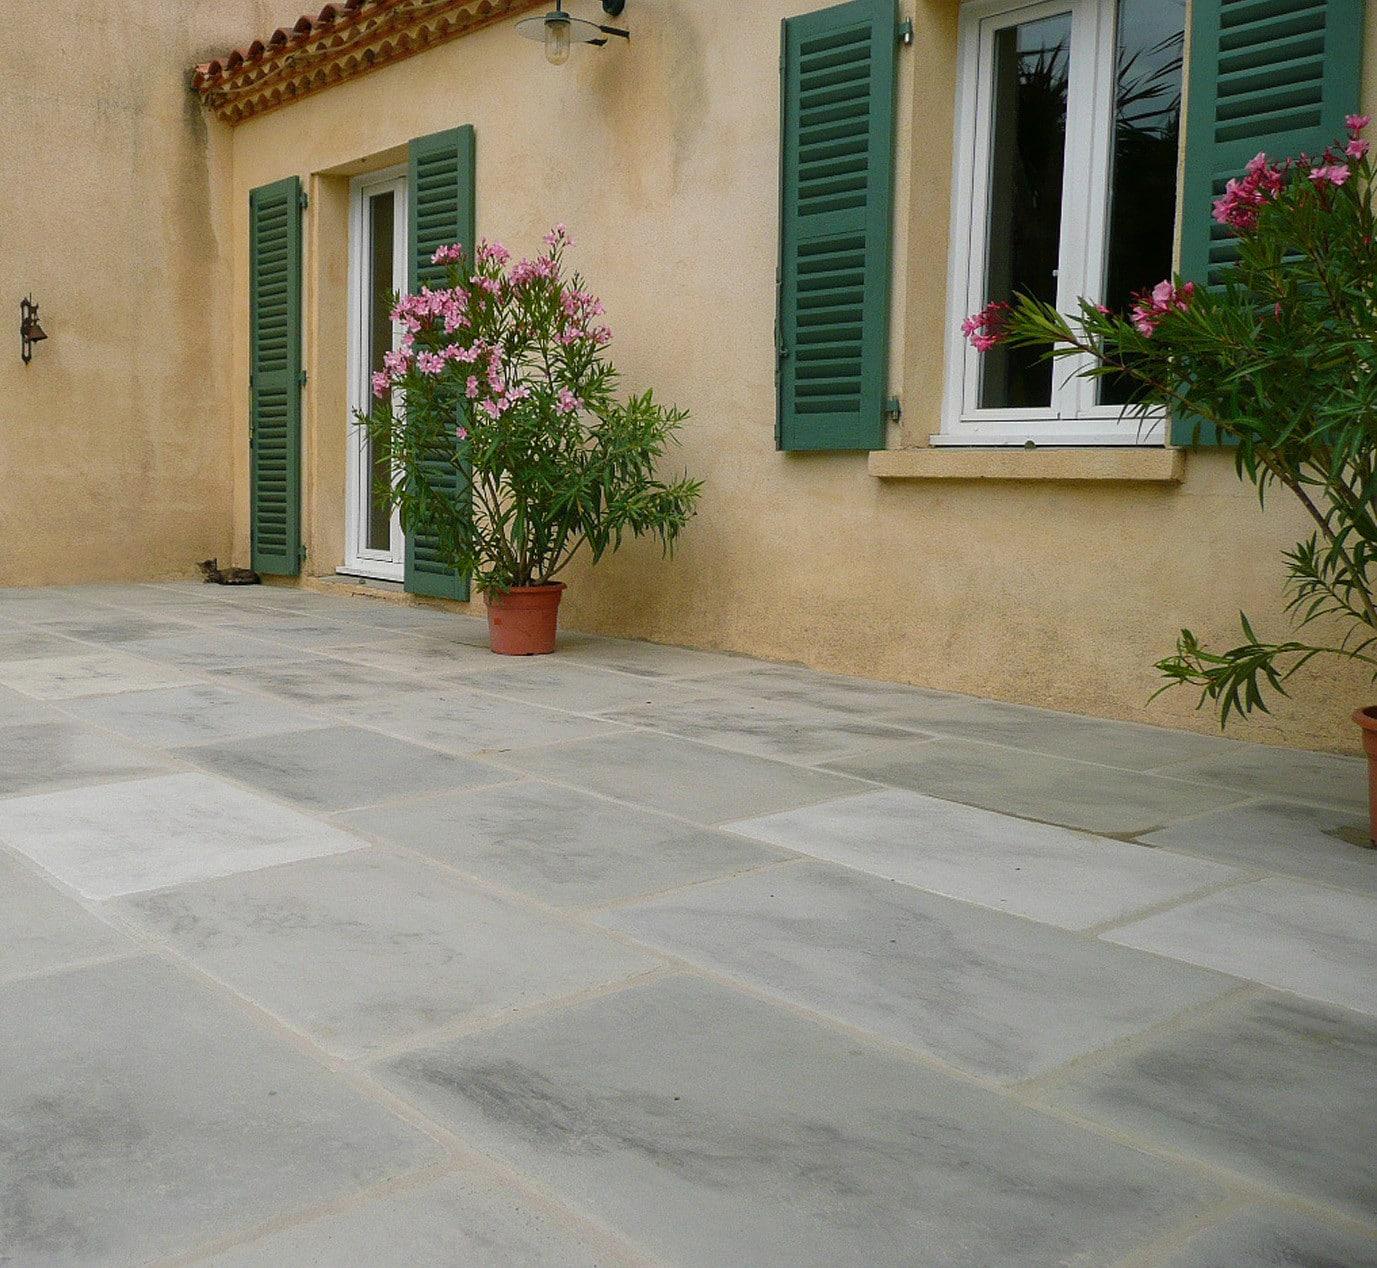 Modèle Bastide, dimensions 85x60 cm, teinte Gris Berg, réalisation dans l′Hérault